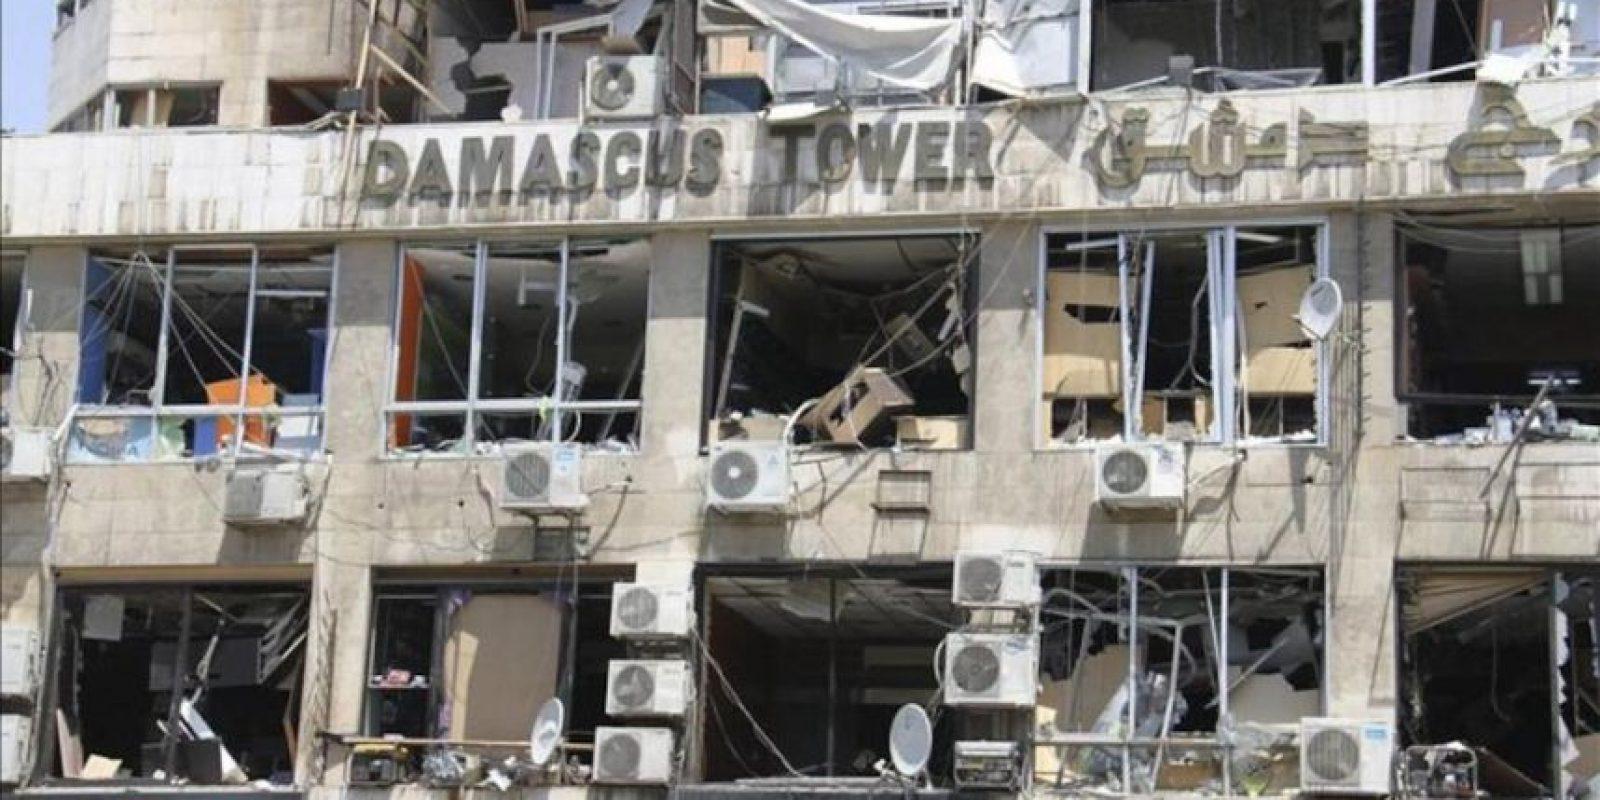 Vista de la Torre Damasco parcialmente dañada tras la explosión de un coche bomba en el centro de Damasco (Siria). EFE